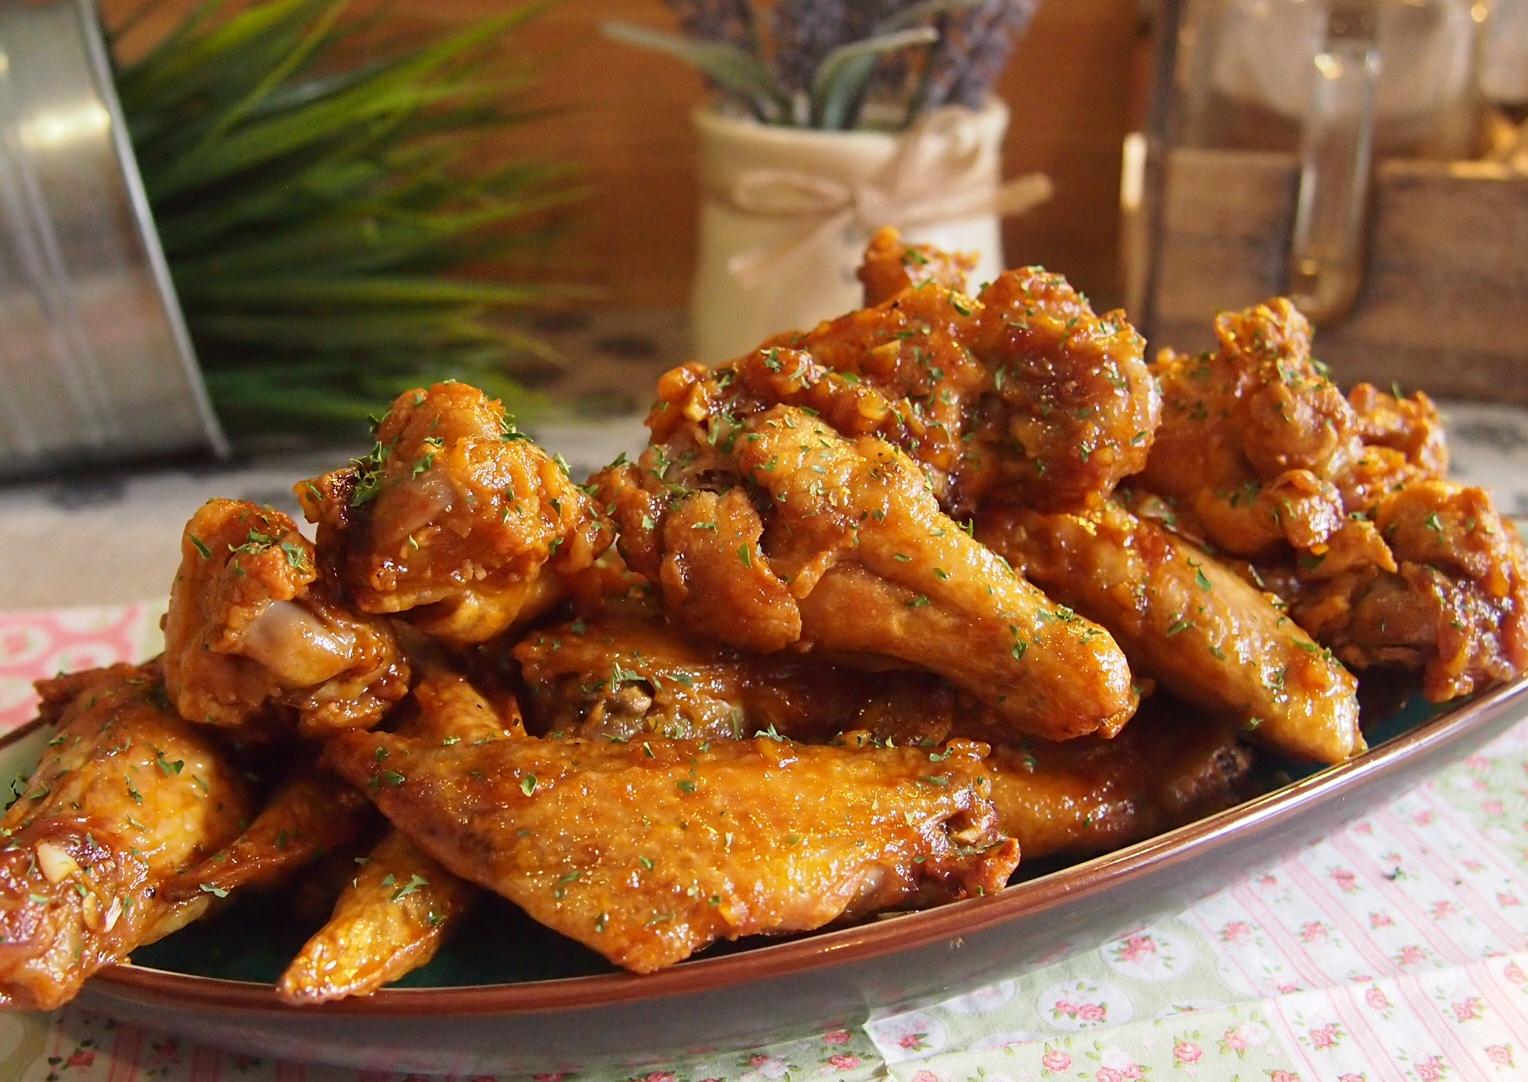 Secret to Best Crispy Oven-Baked / Air-Fried Chicken Wings // Buffalo Wings